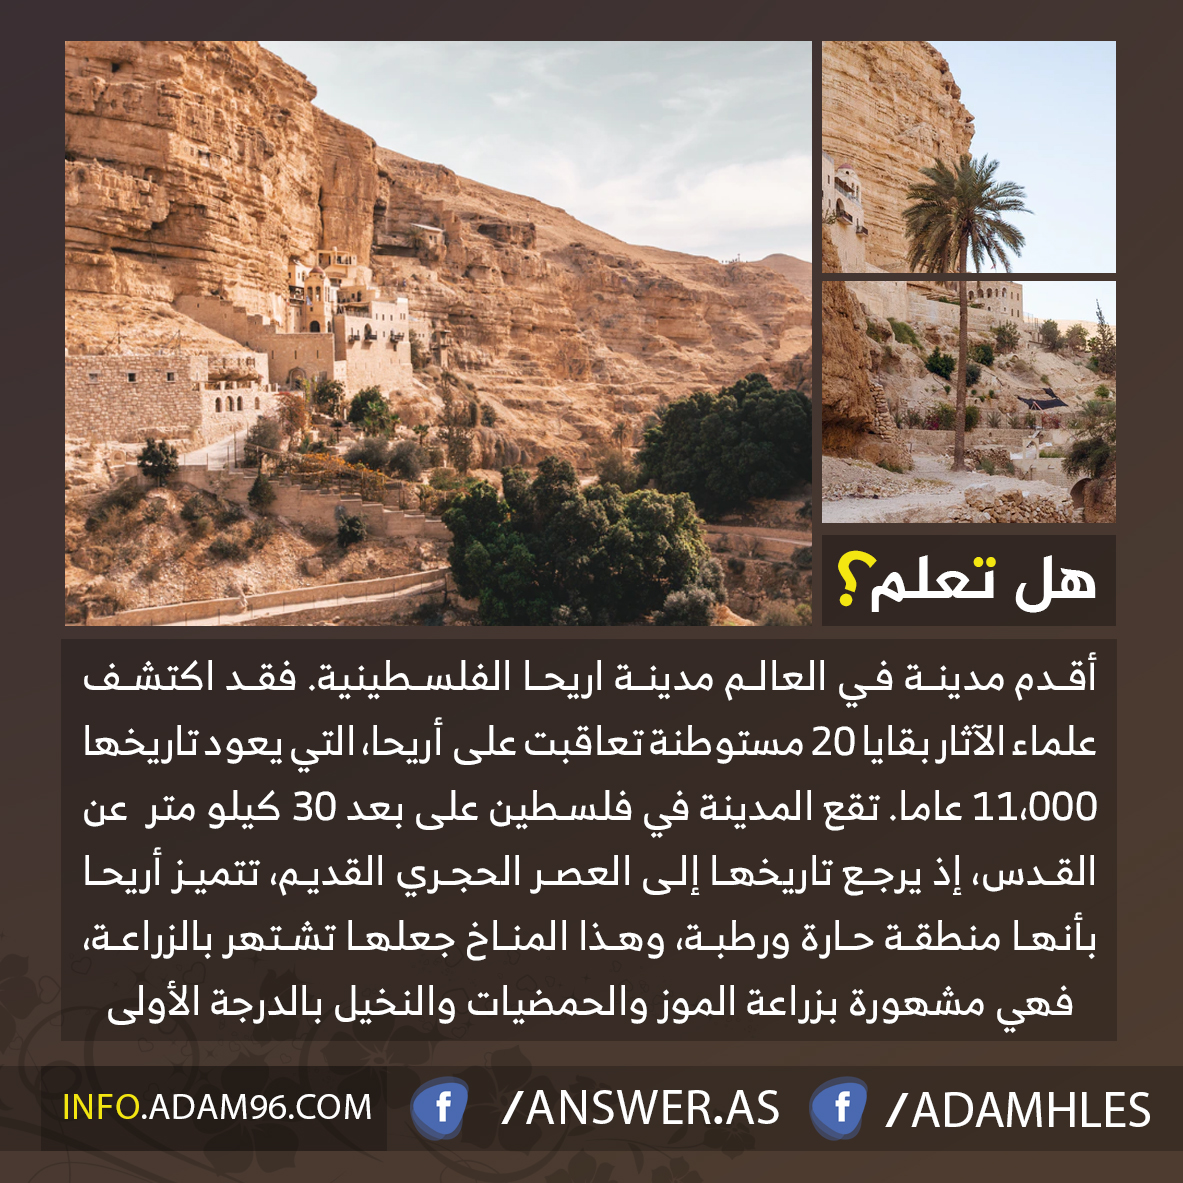 معلومات مدهشة عن اقدم مدينة في العالم عمرها 11 الف عام - اريحا فلسطين